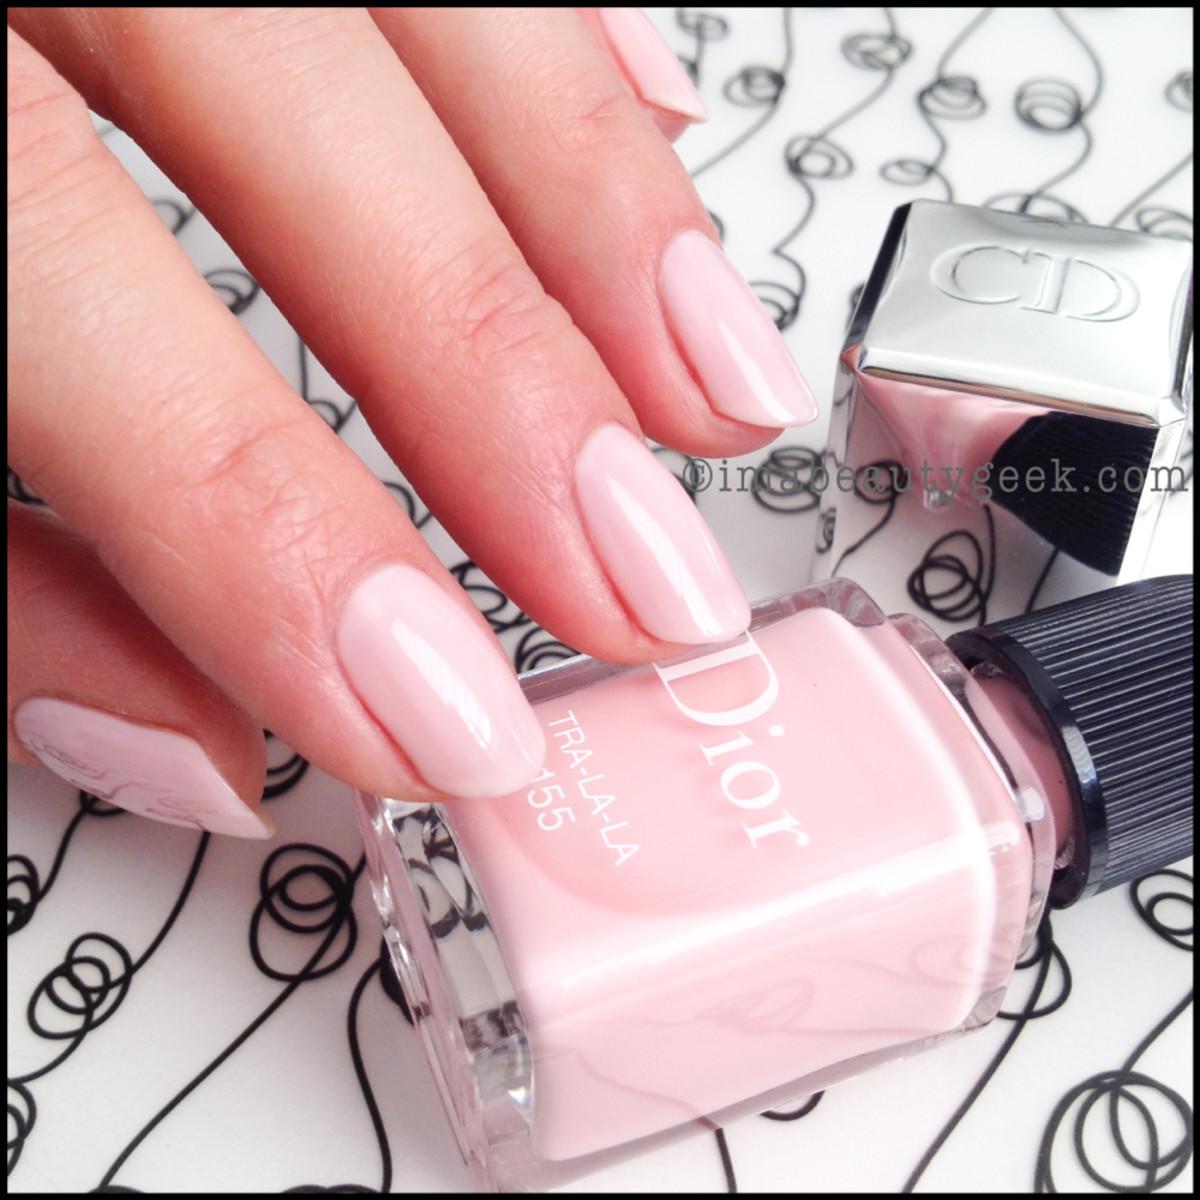 Dior polish Tra-La-La 155 spring 2014_Dior Gel Shine